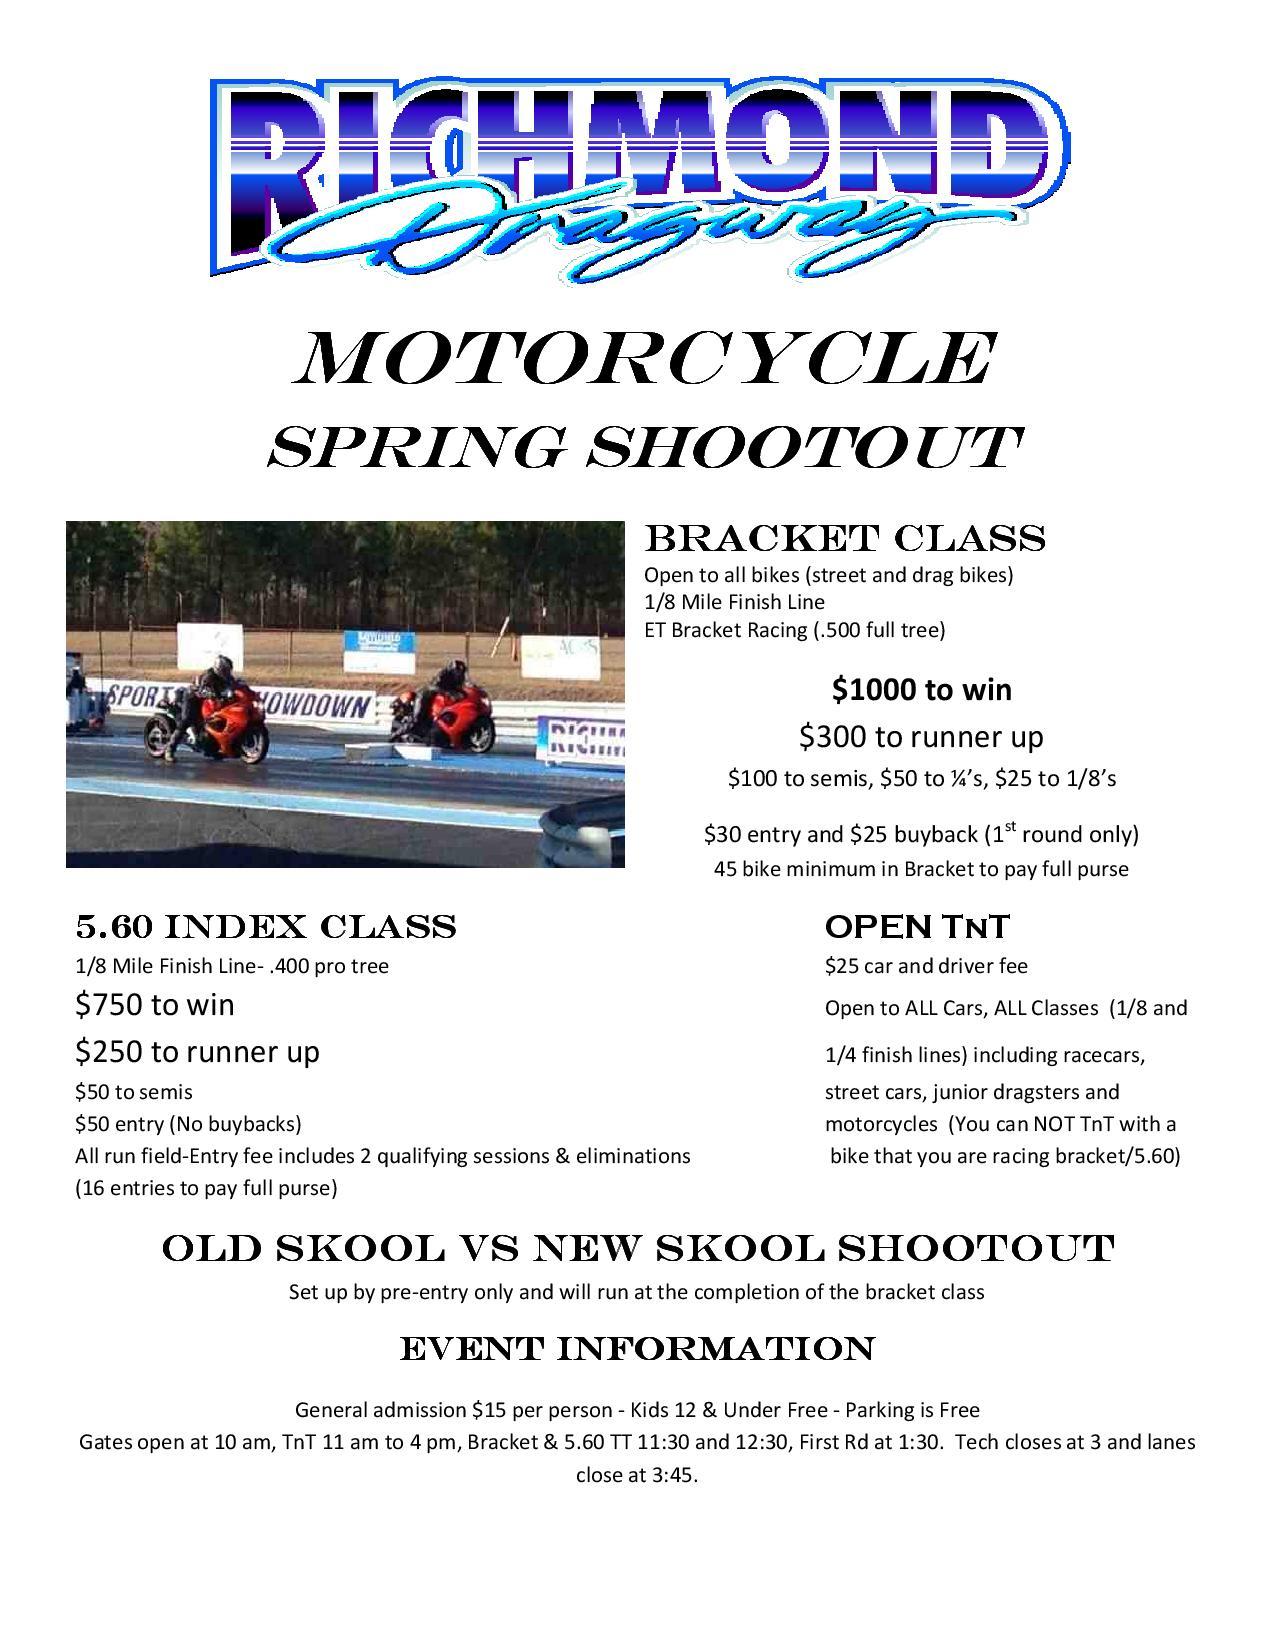 Spring Motorcycle Shootout – April 11th thumbnail